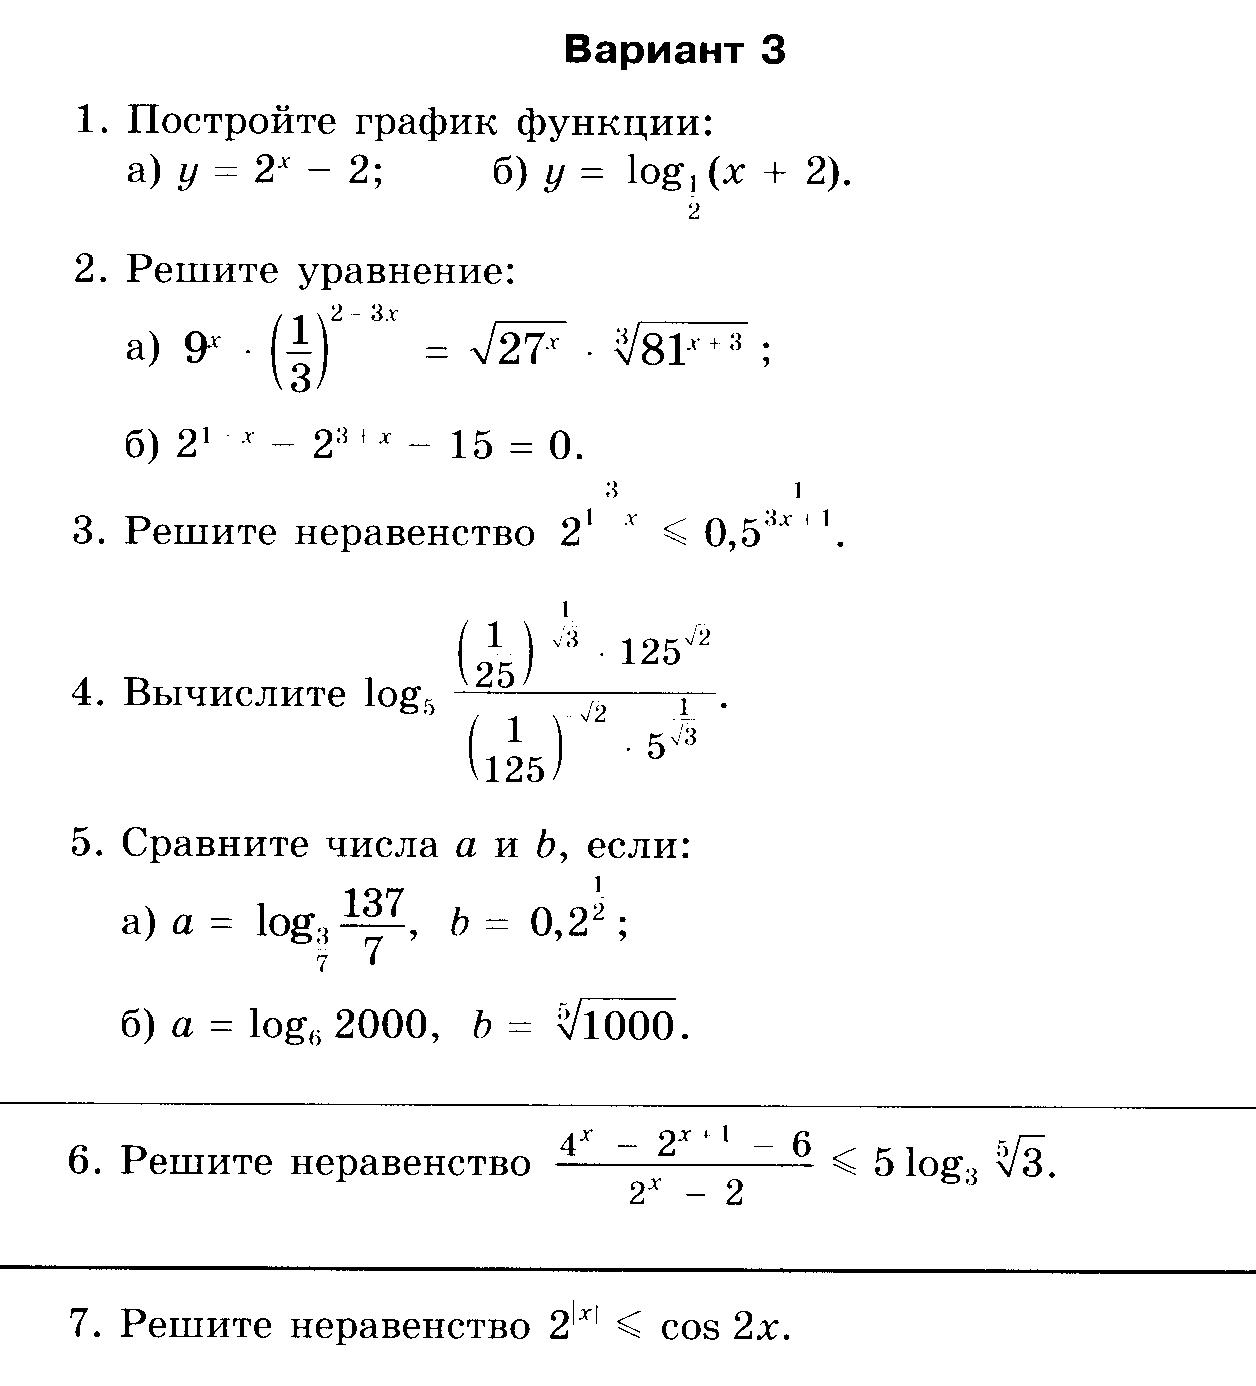 Контрольная по алгебре 10 класс по теме логарифмы